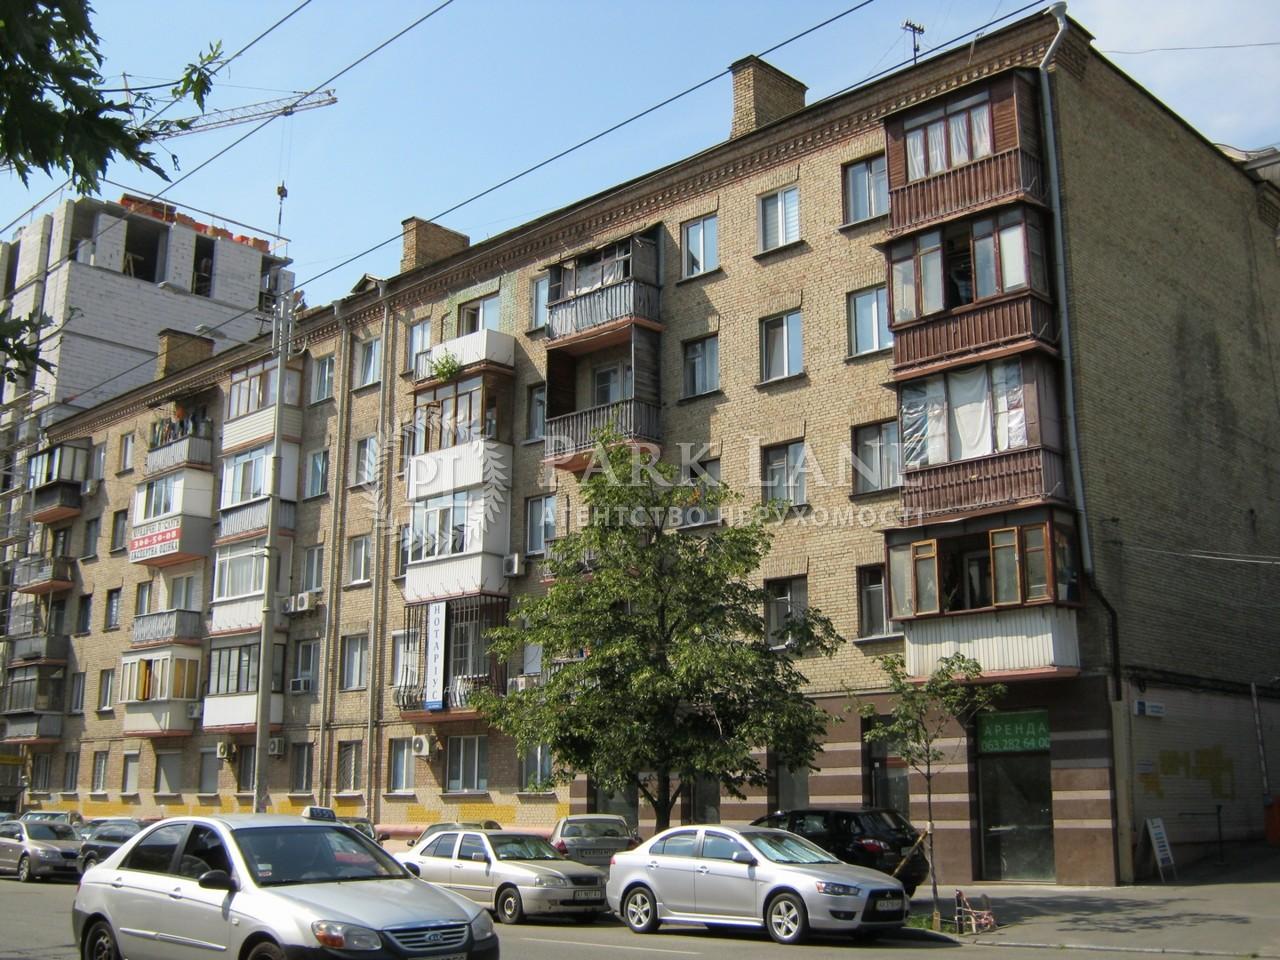 Квартира вул. Жилянська, 30/32, Київ, F-41507 - Фото 3